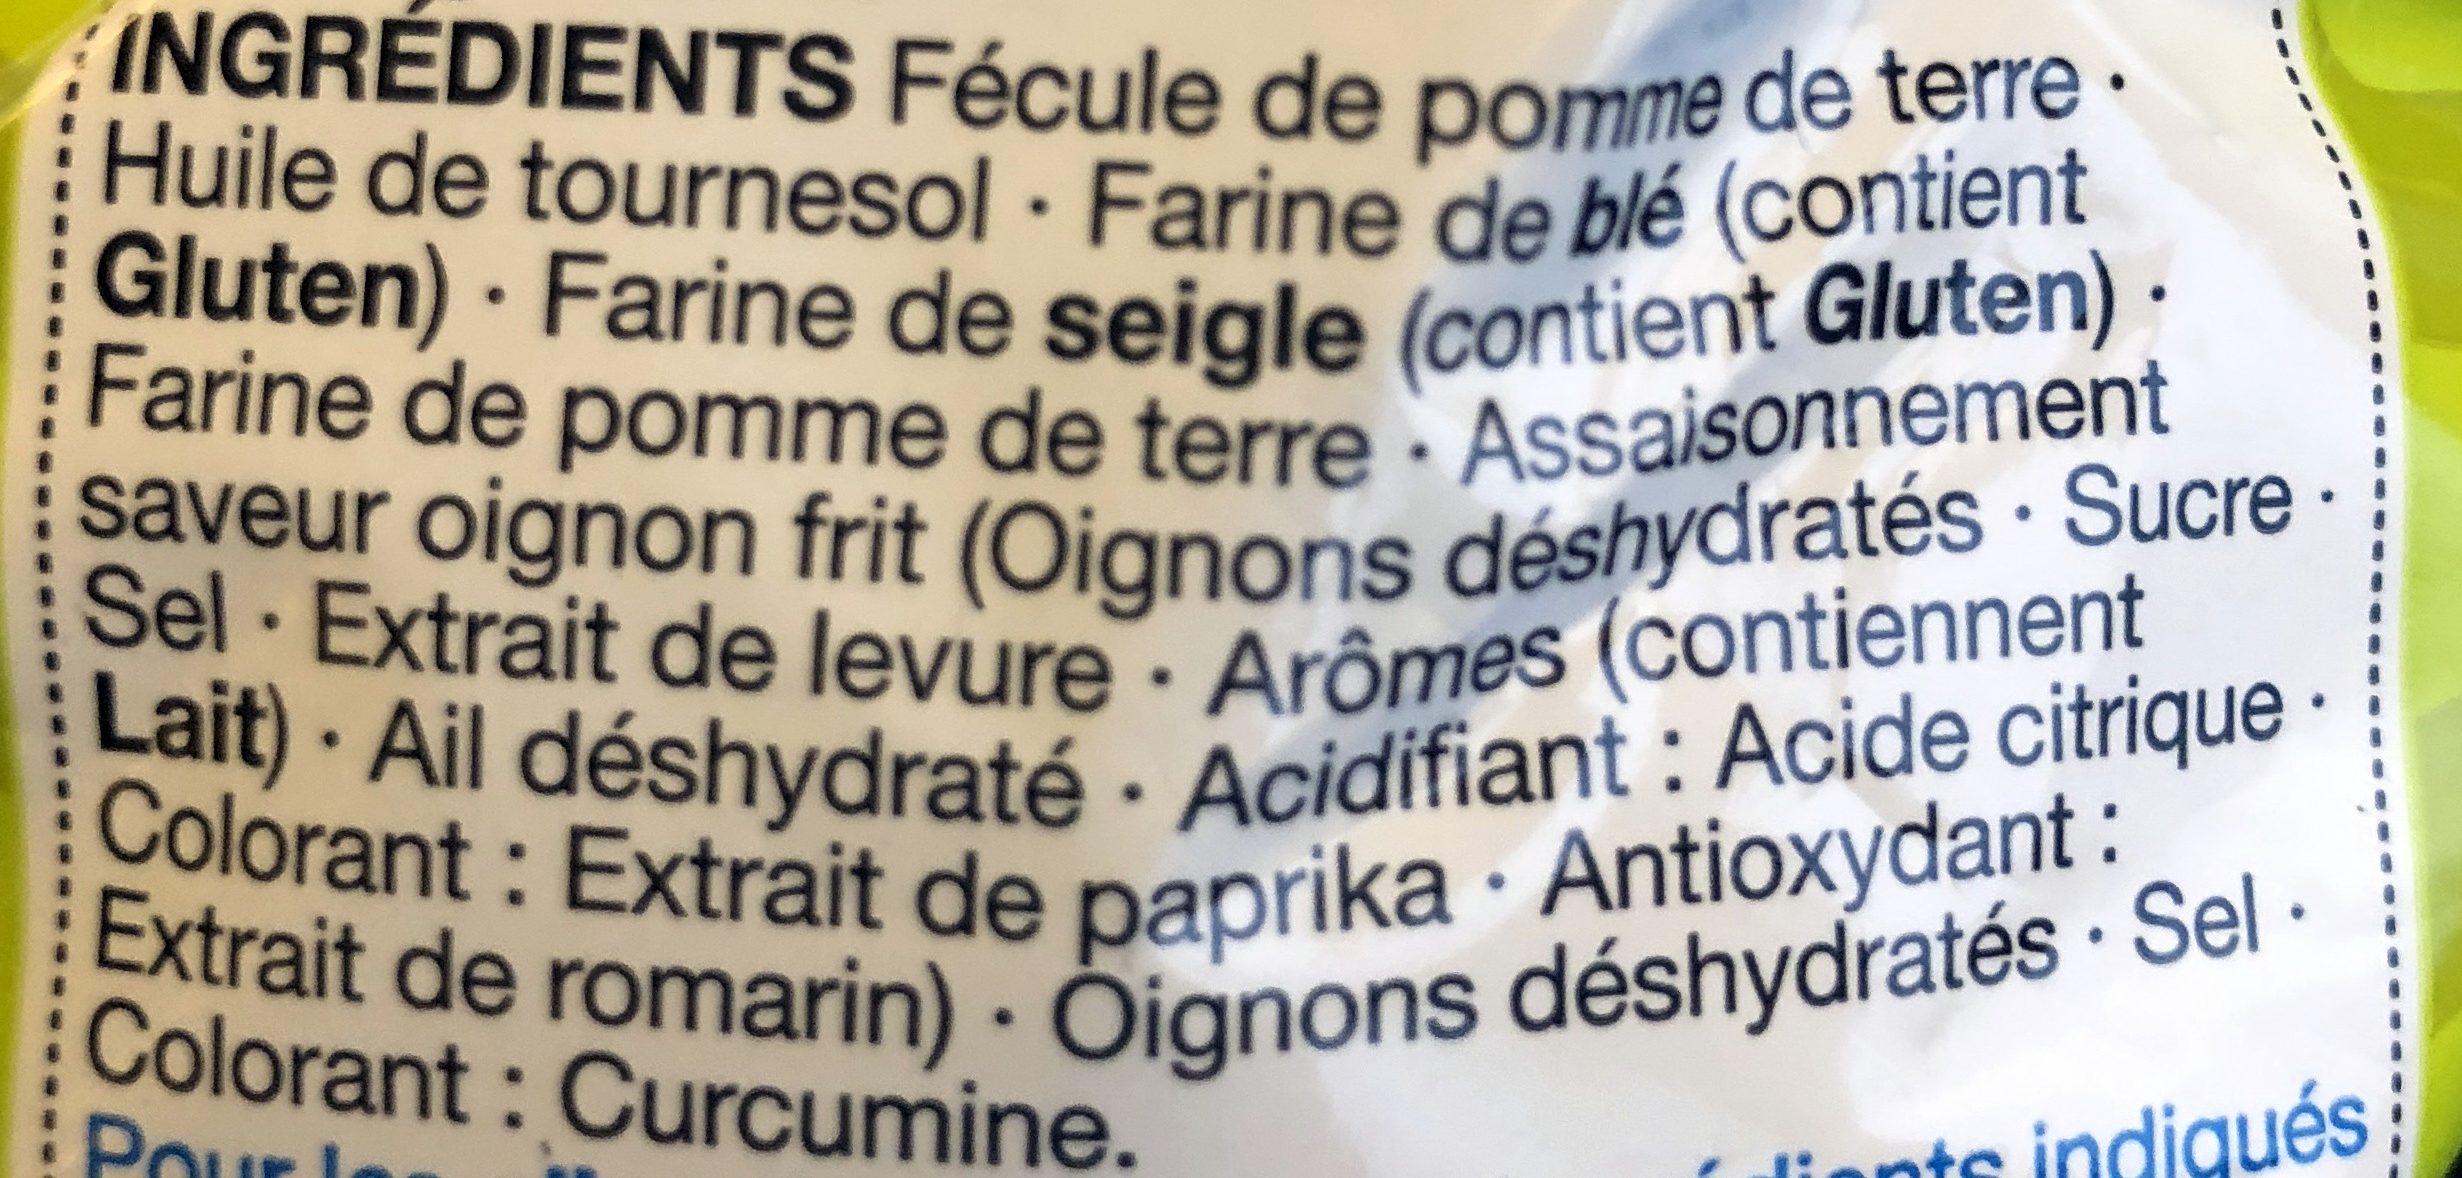 Onion Rings - Ingredients